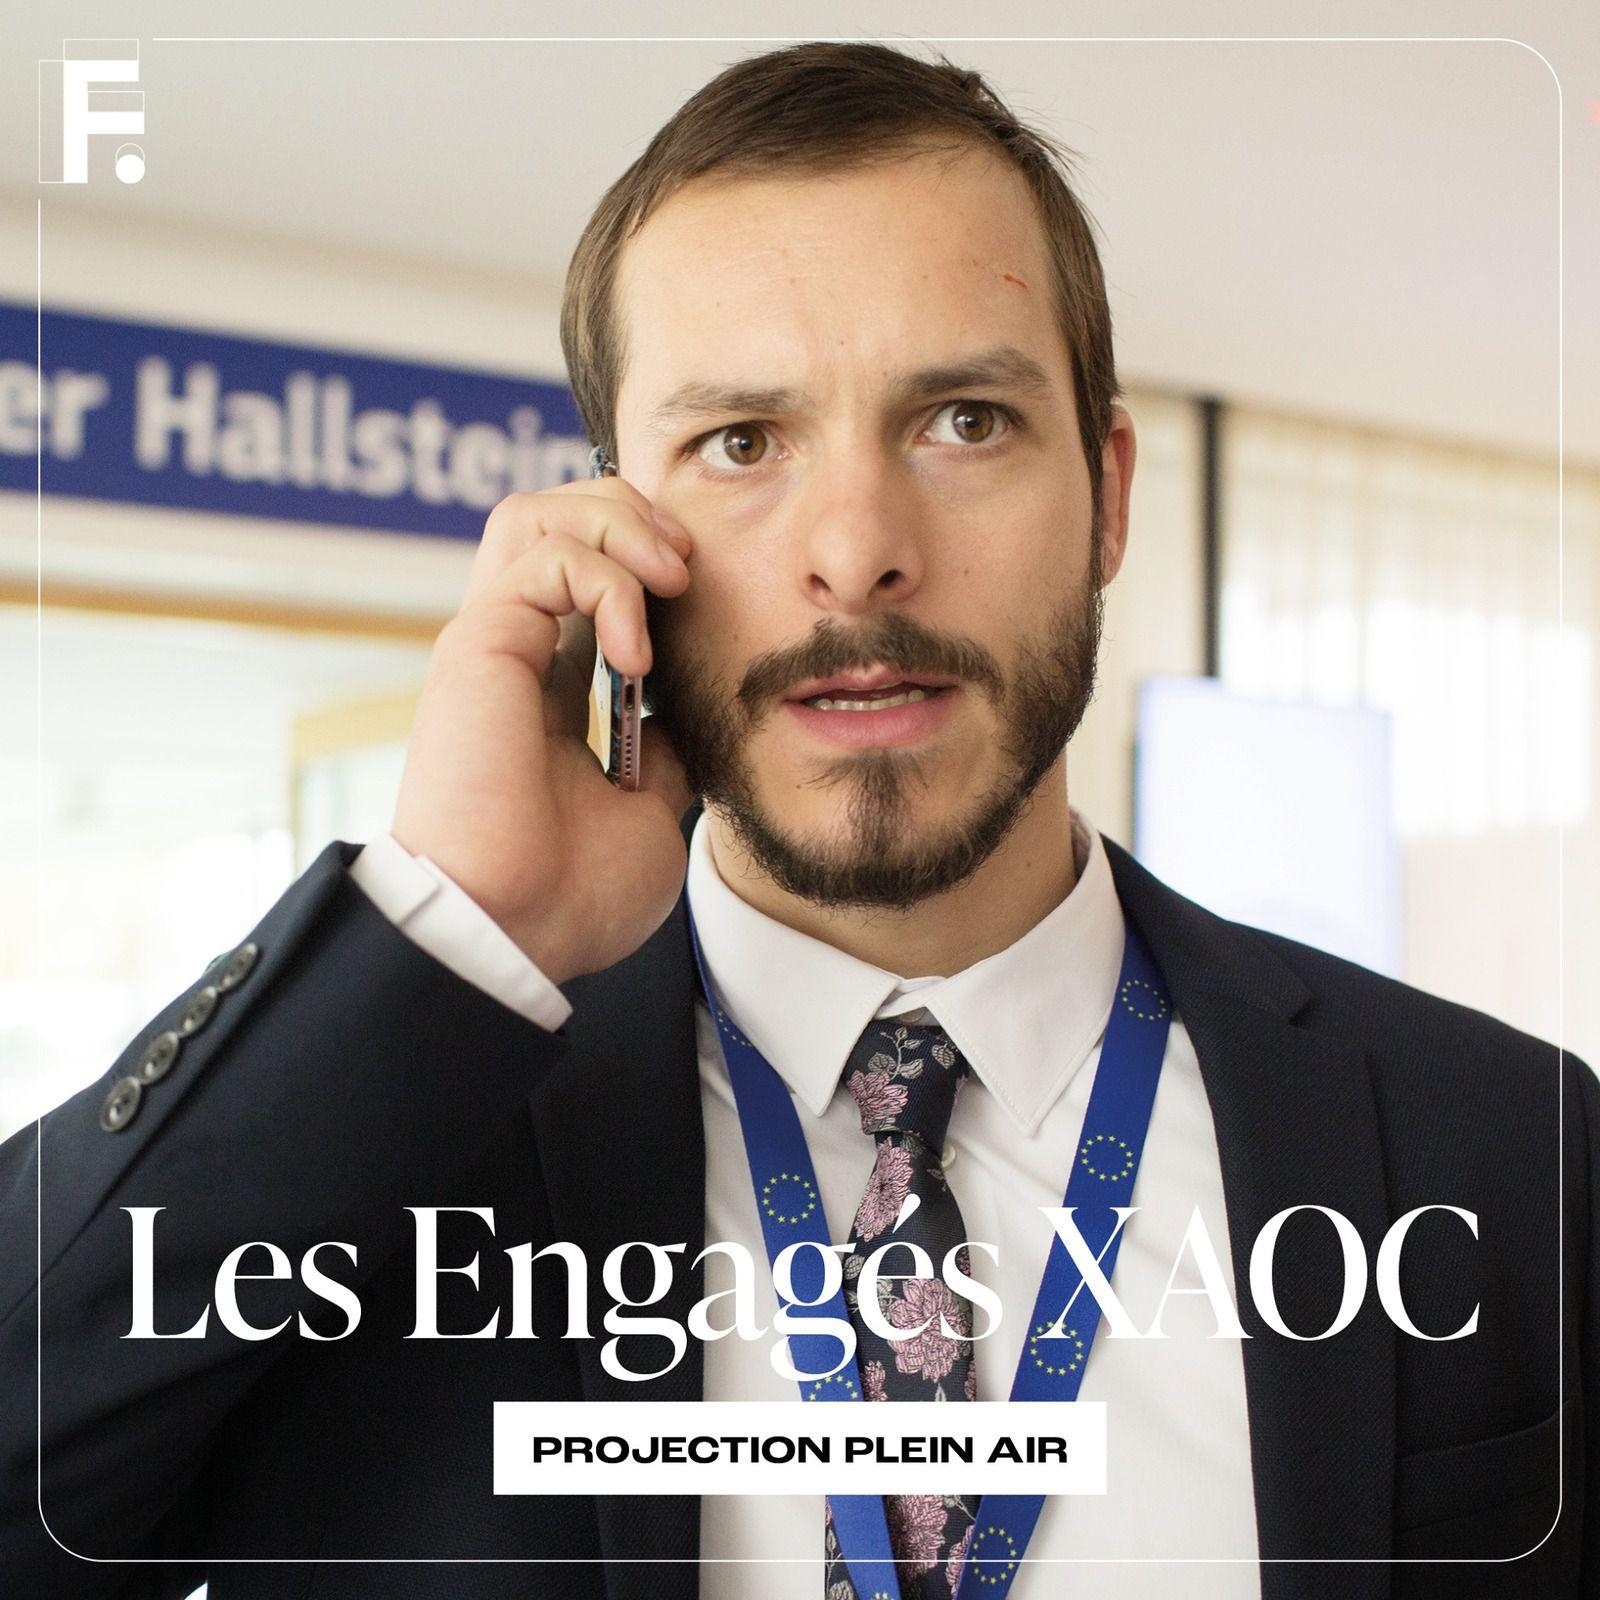 Le festival de la Fiction TV de La Rochelle programme Les Engagés : XAOC en plein air